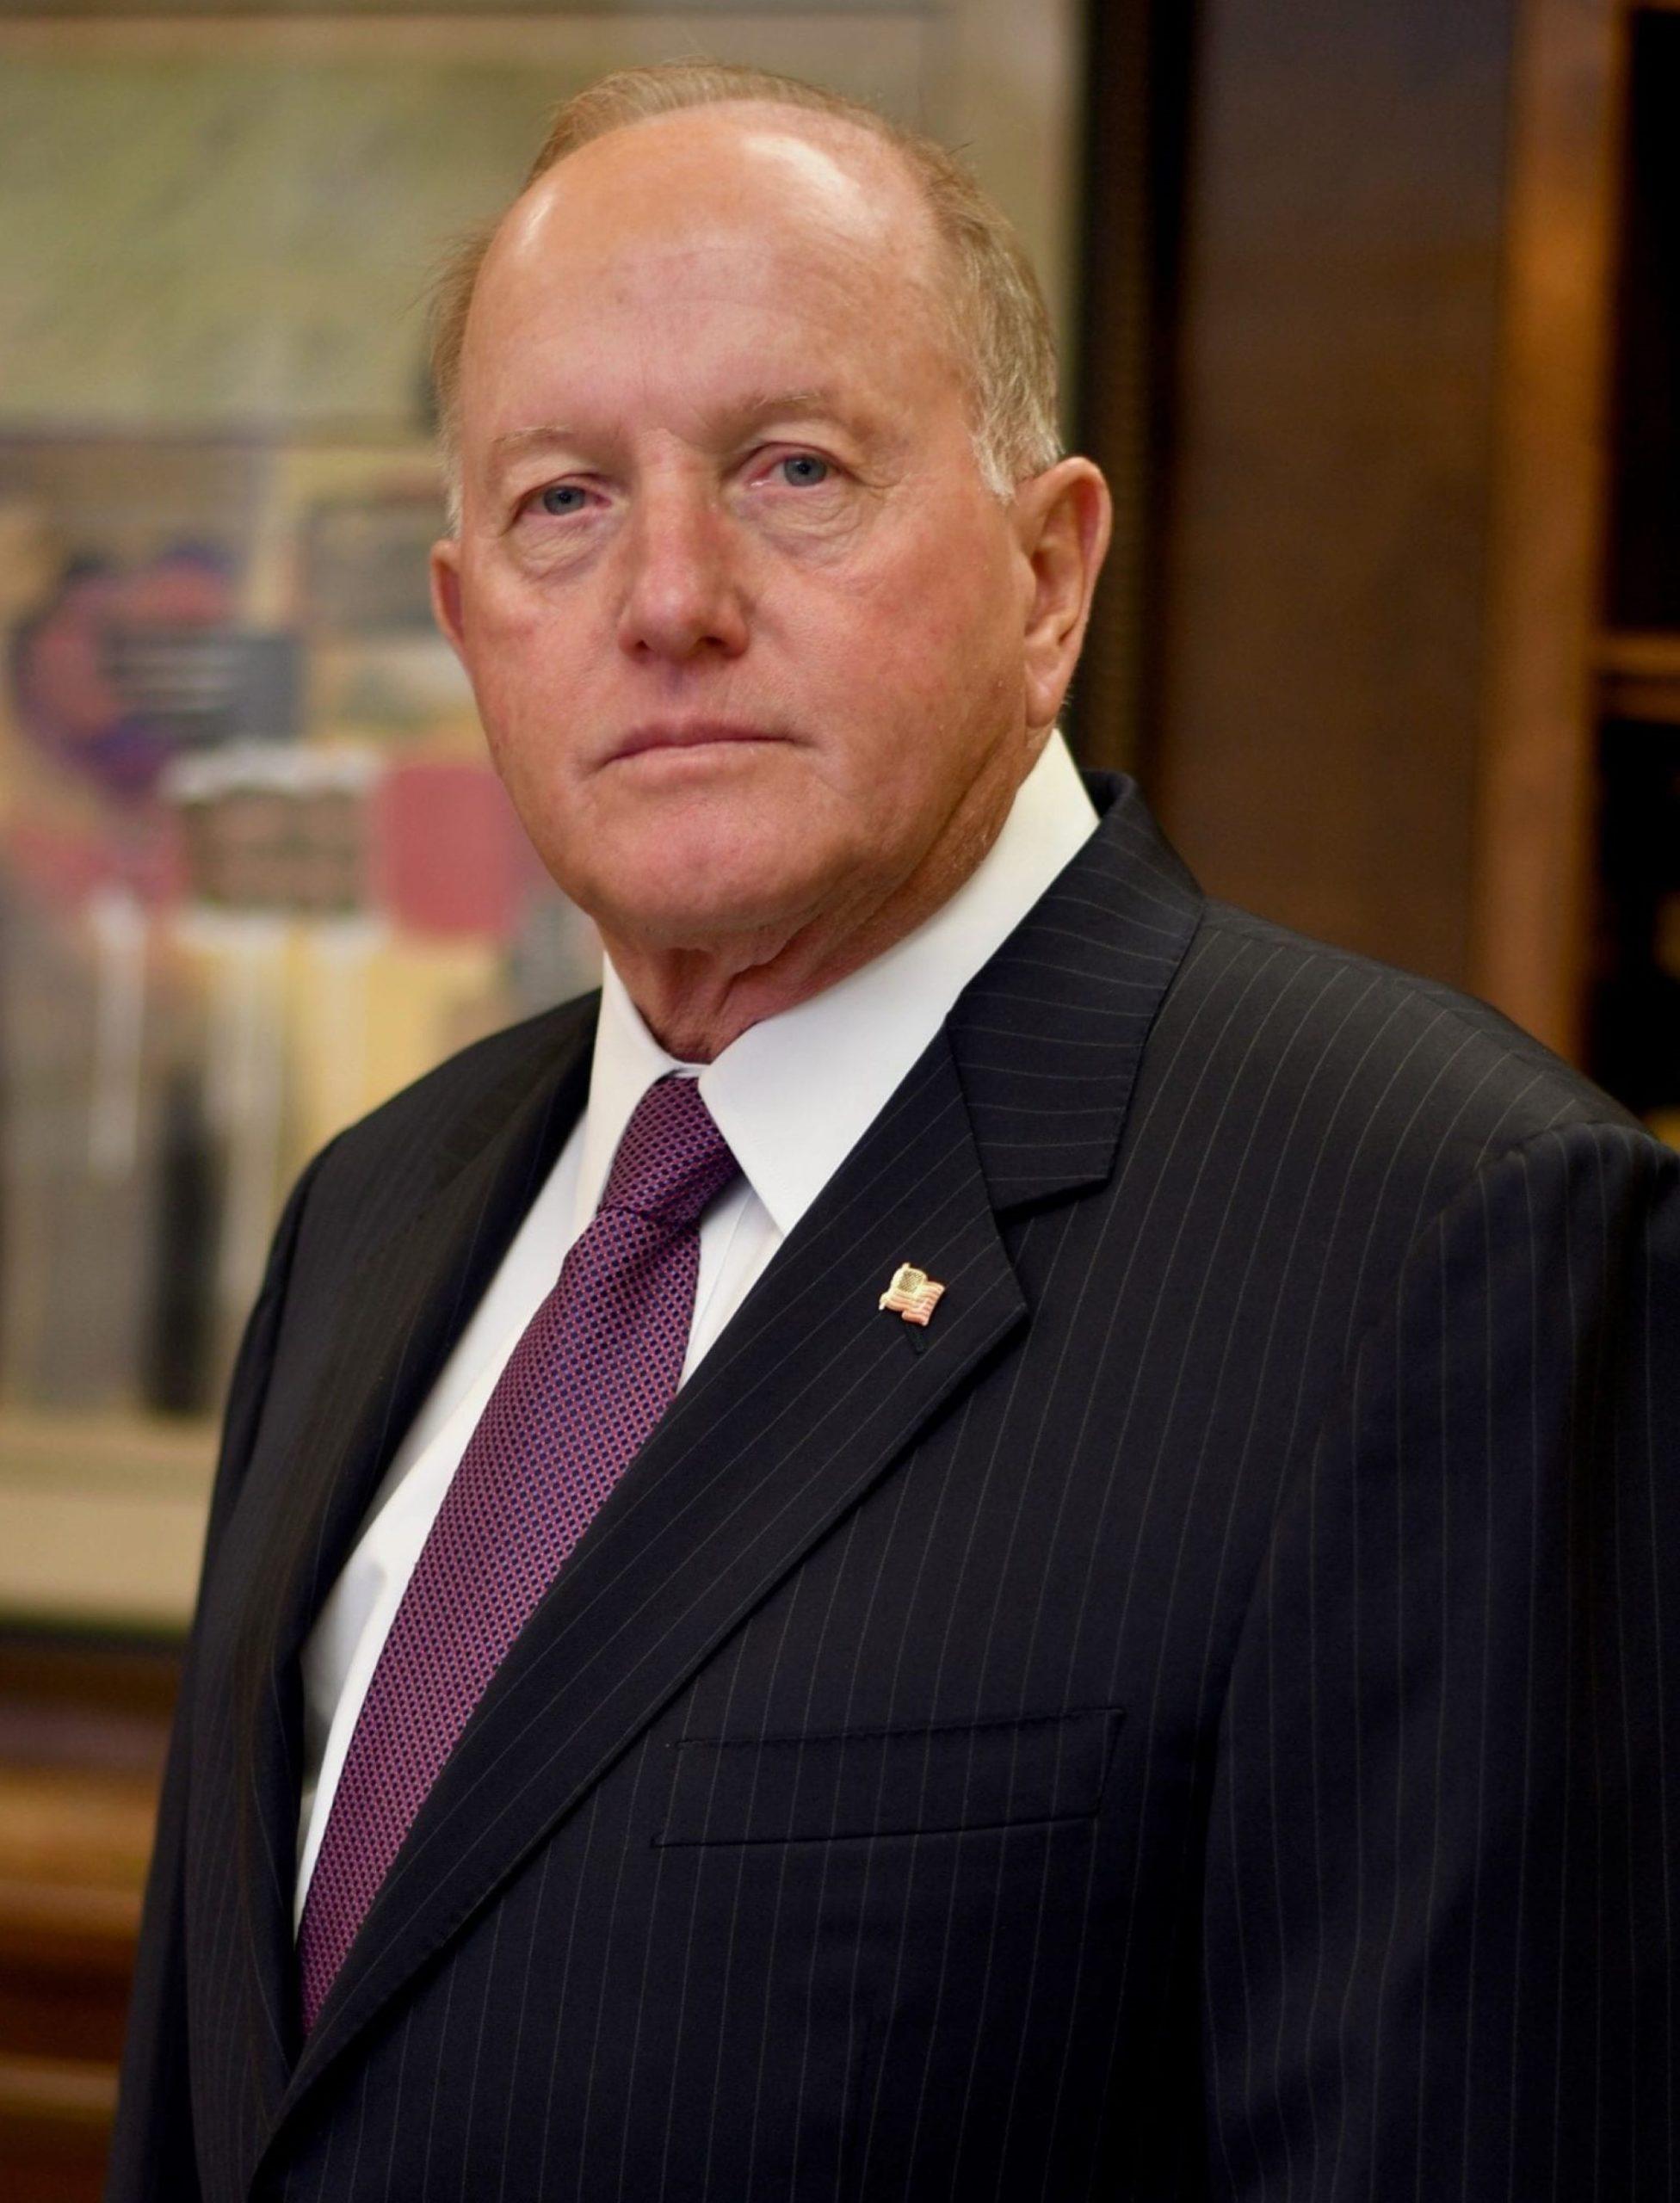 Charles J. Bennardini